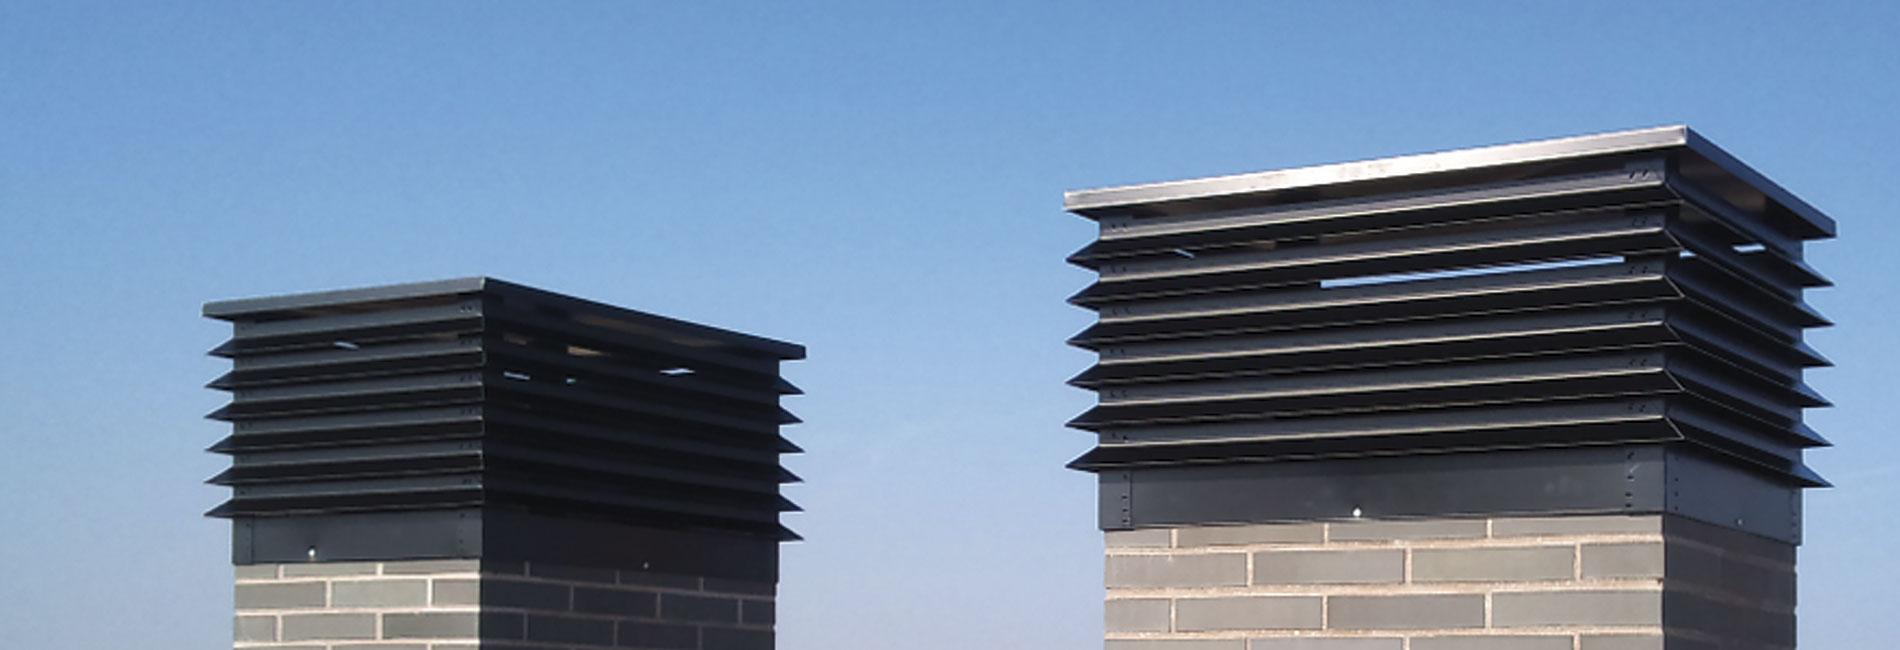 Fabricante de sombreretes estáticos para chimeneas